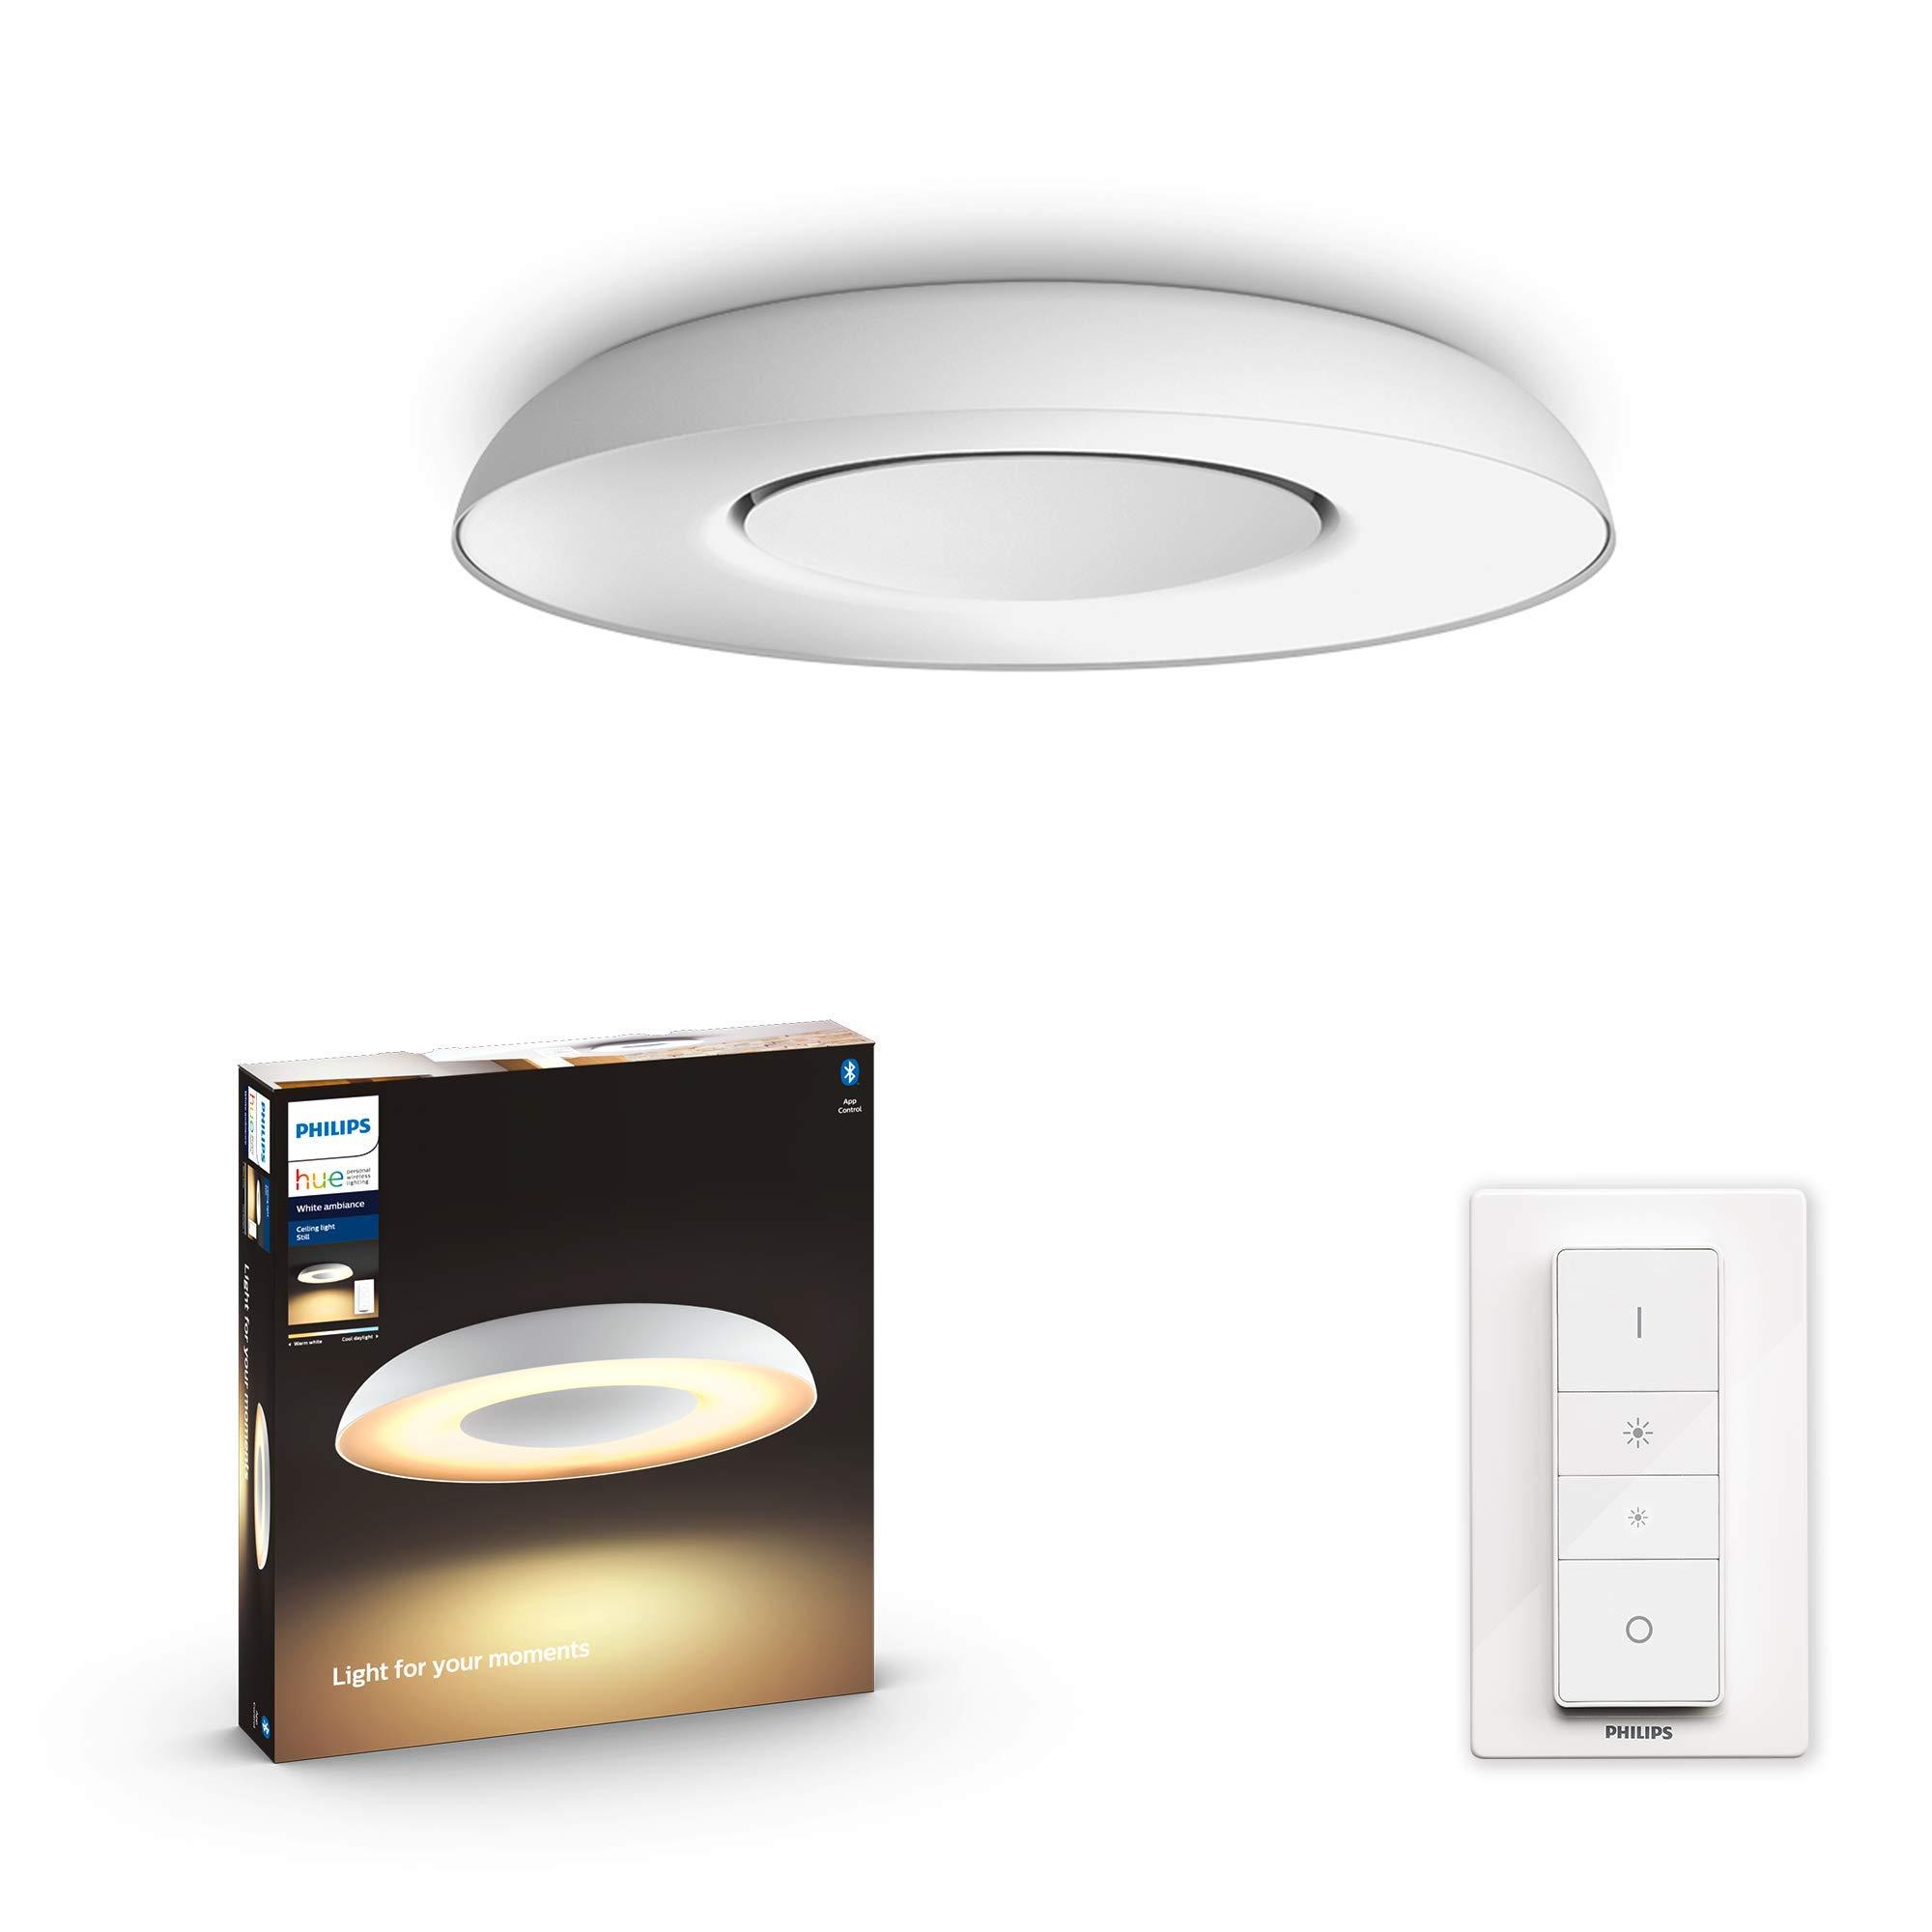 Philips Hue Still Plafón Inteligente LED blanco con Bluetooth, Luz Blanca de Cálida a Fría, Compatible con Alexa y Google Home